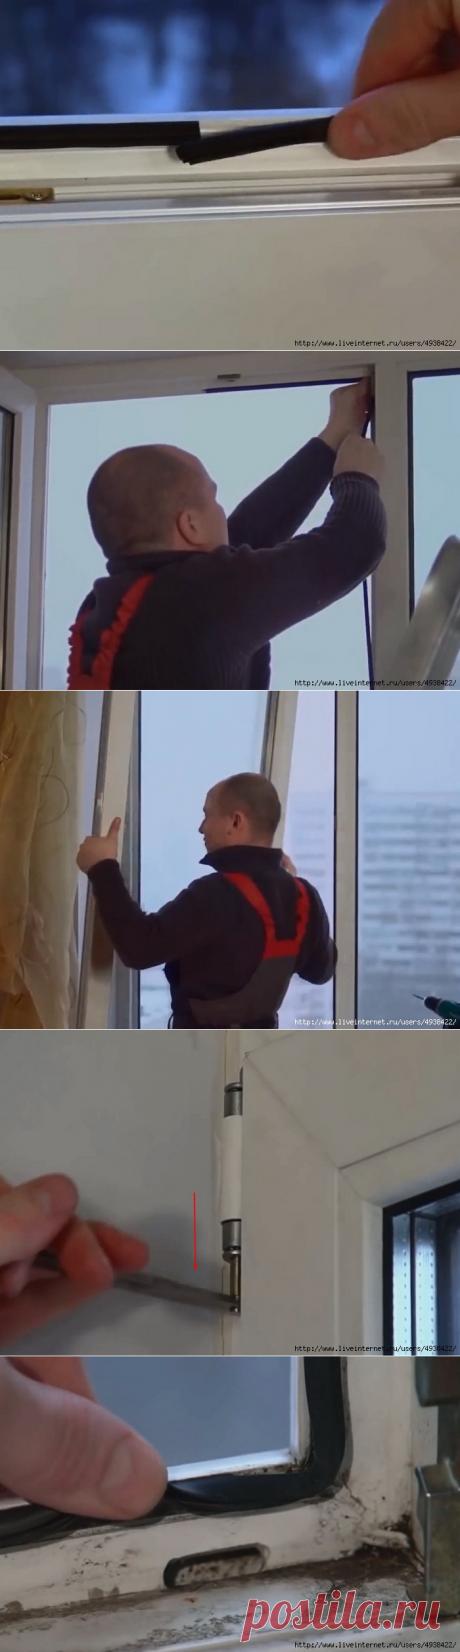 Замена уплотнителя на пластиковых окнах.